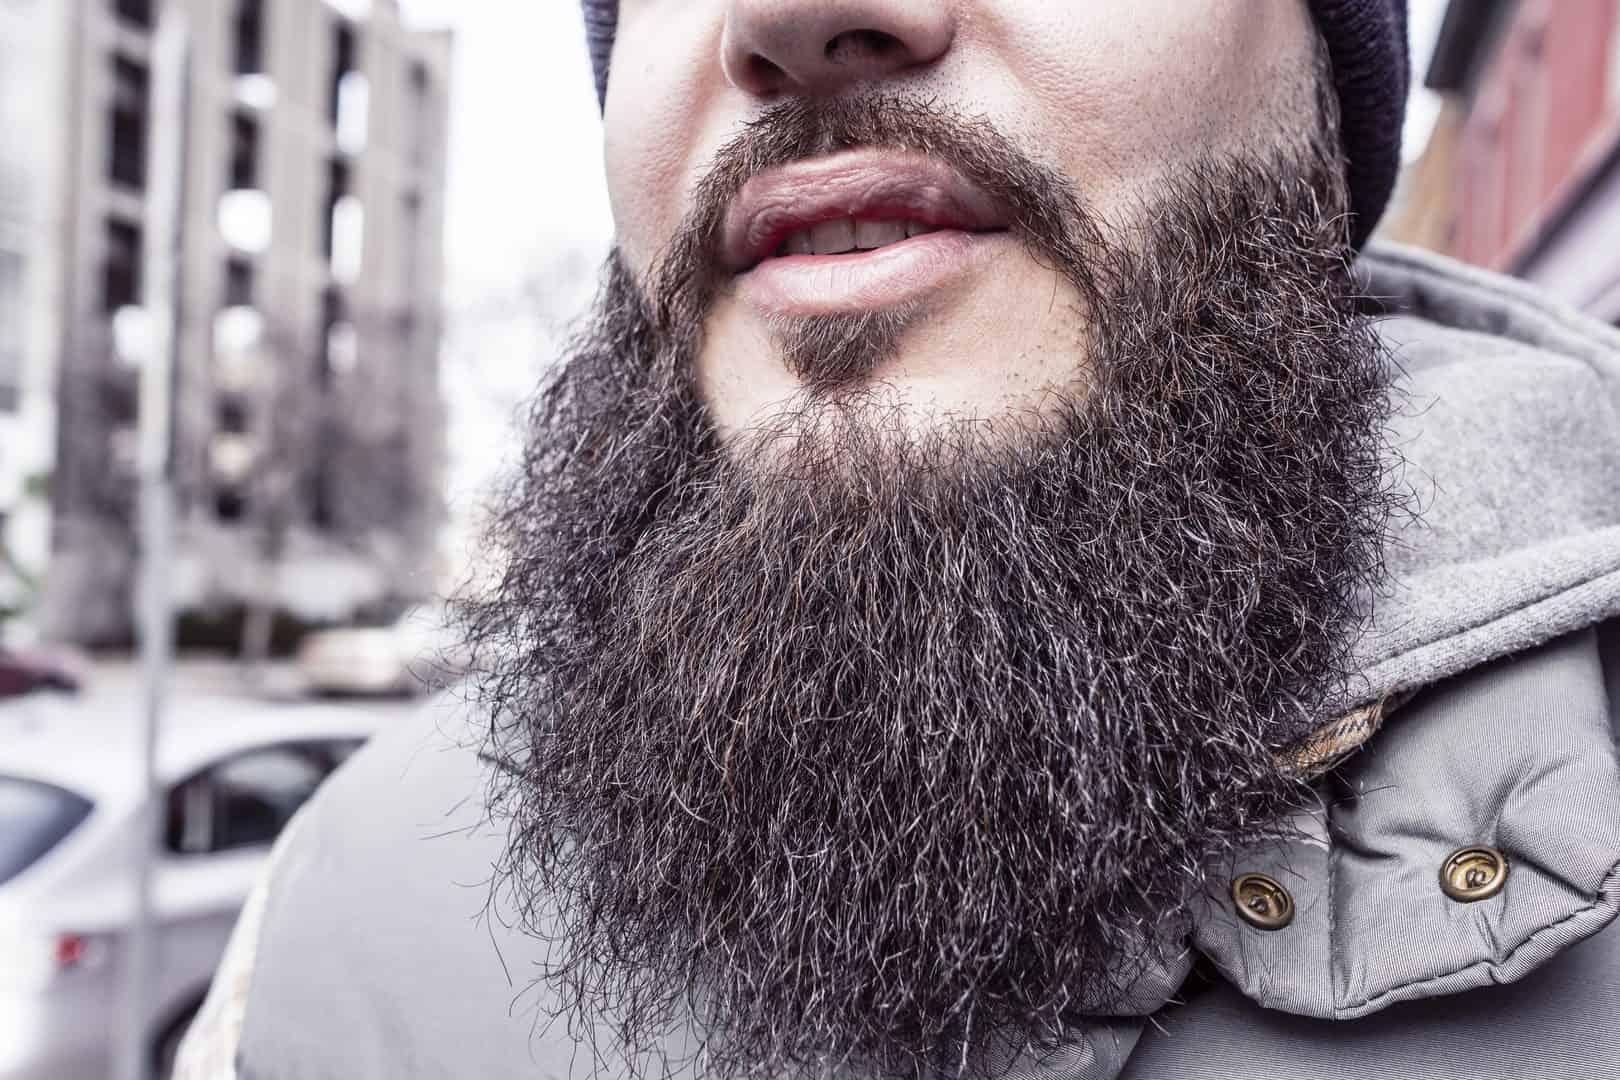 Mann mit voluminösen Bart